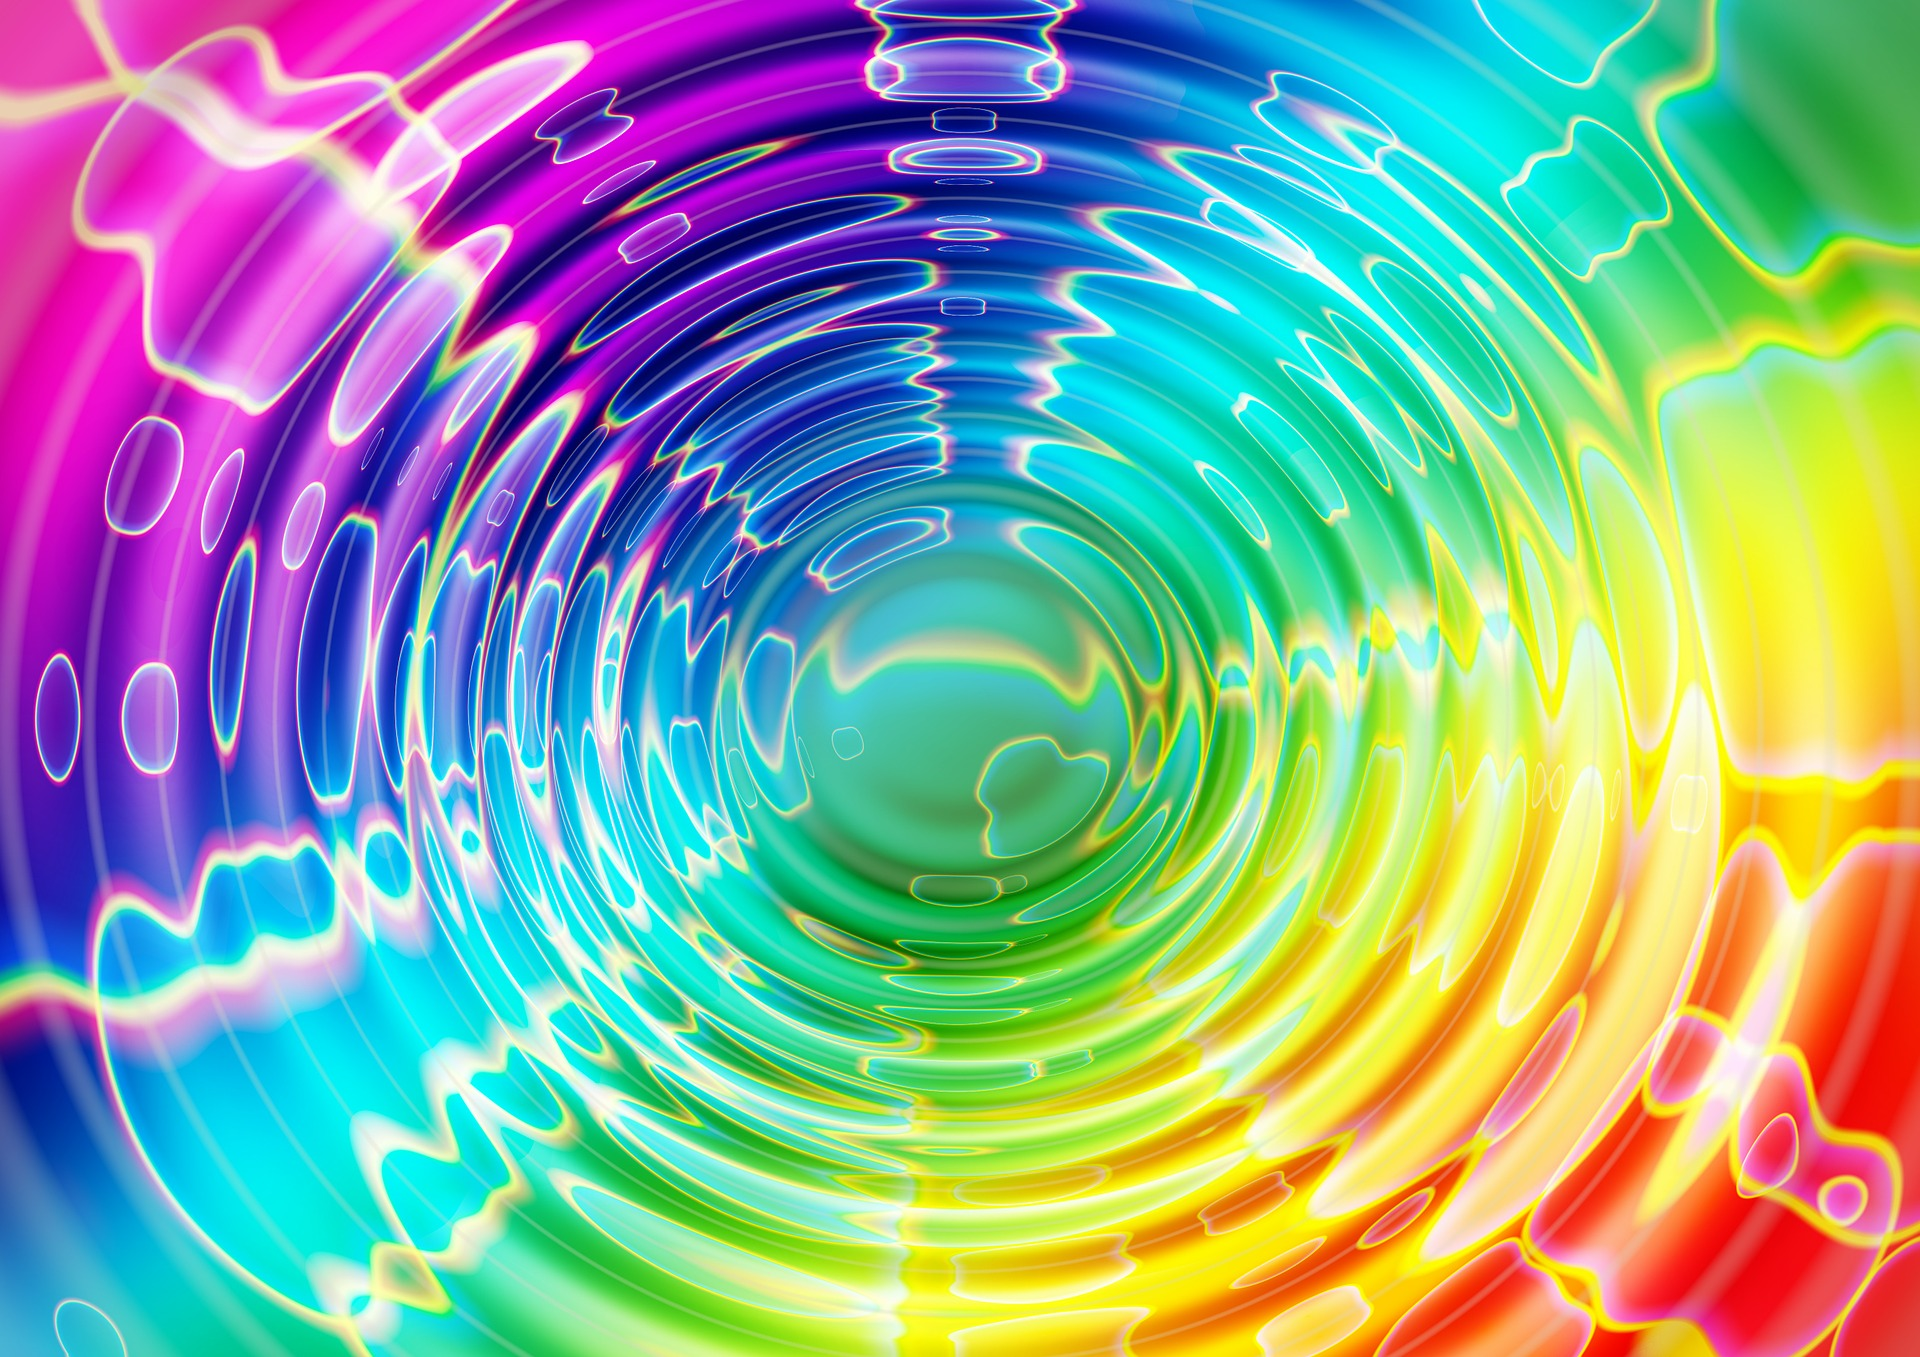 Low Vibration - Gerardo Morillo - Prosperitylifehacks.com